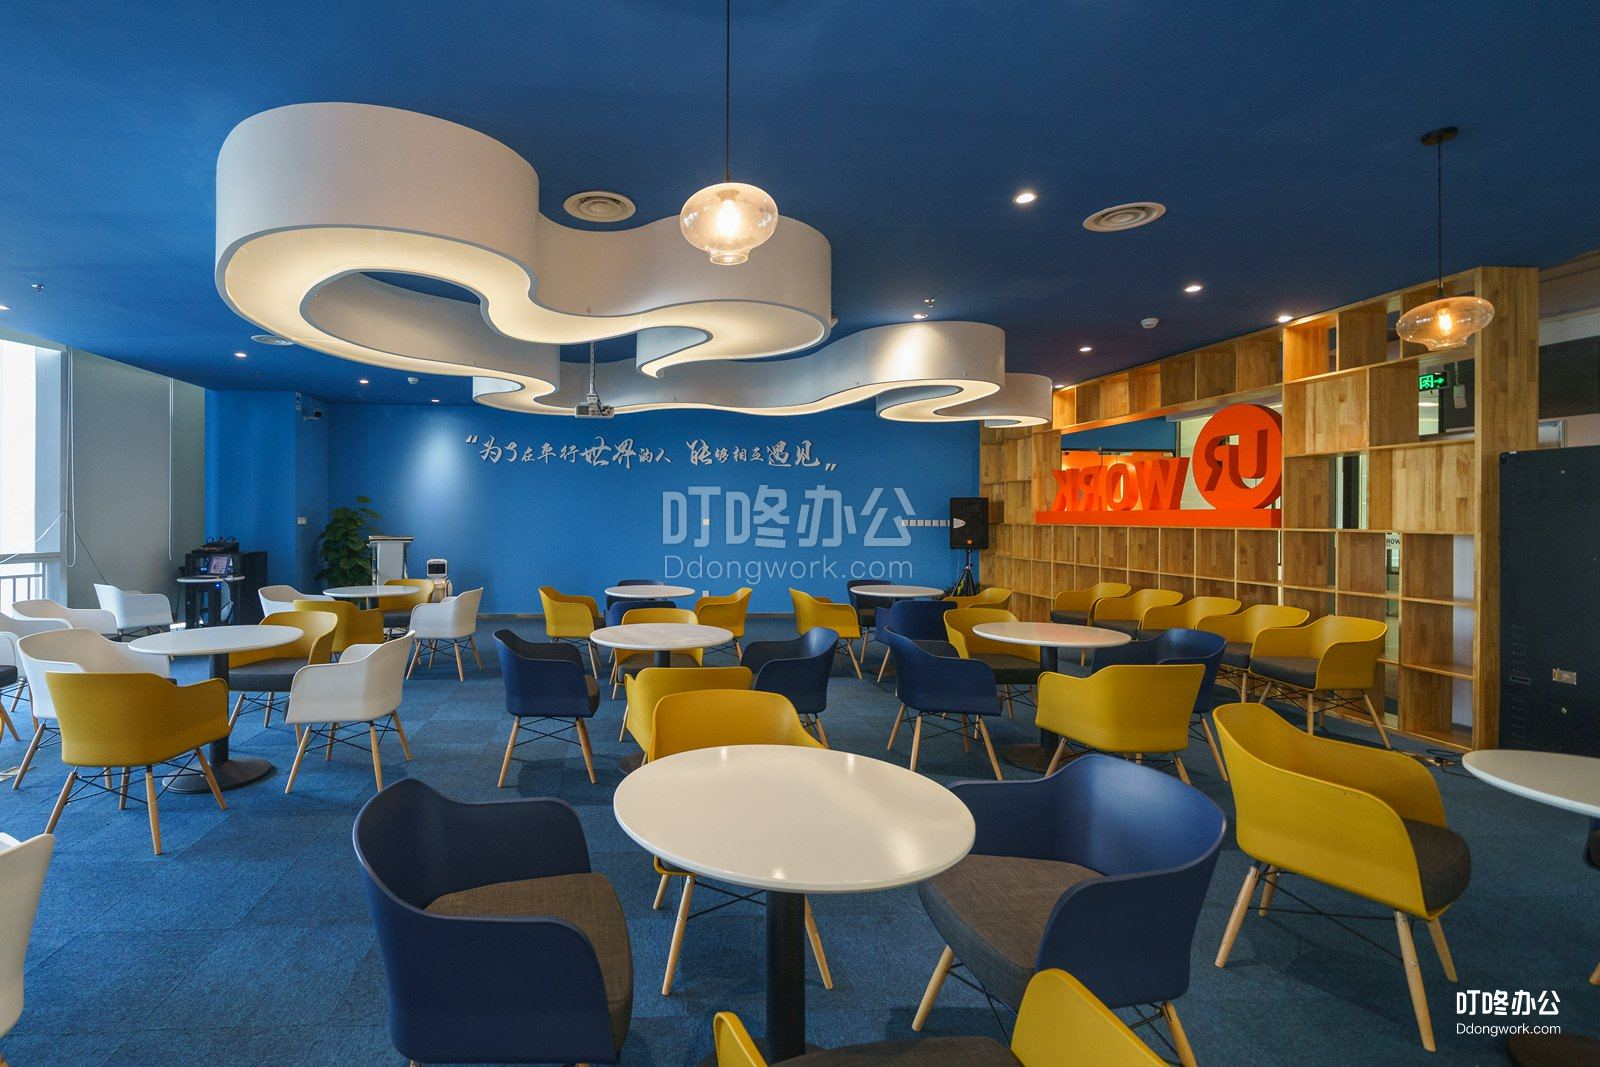 深圳阿里巴巴大厦•优客工场走廊